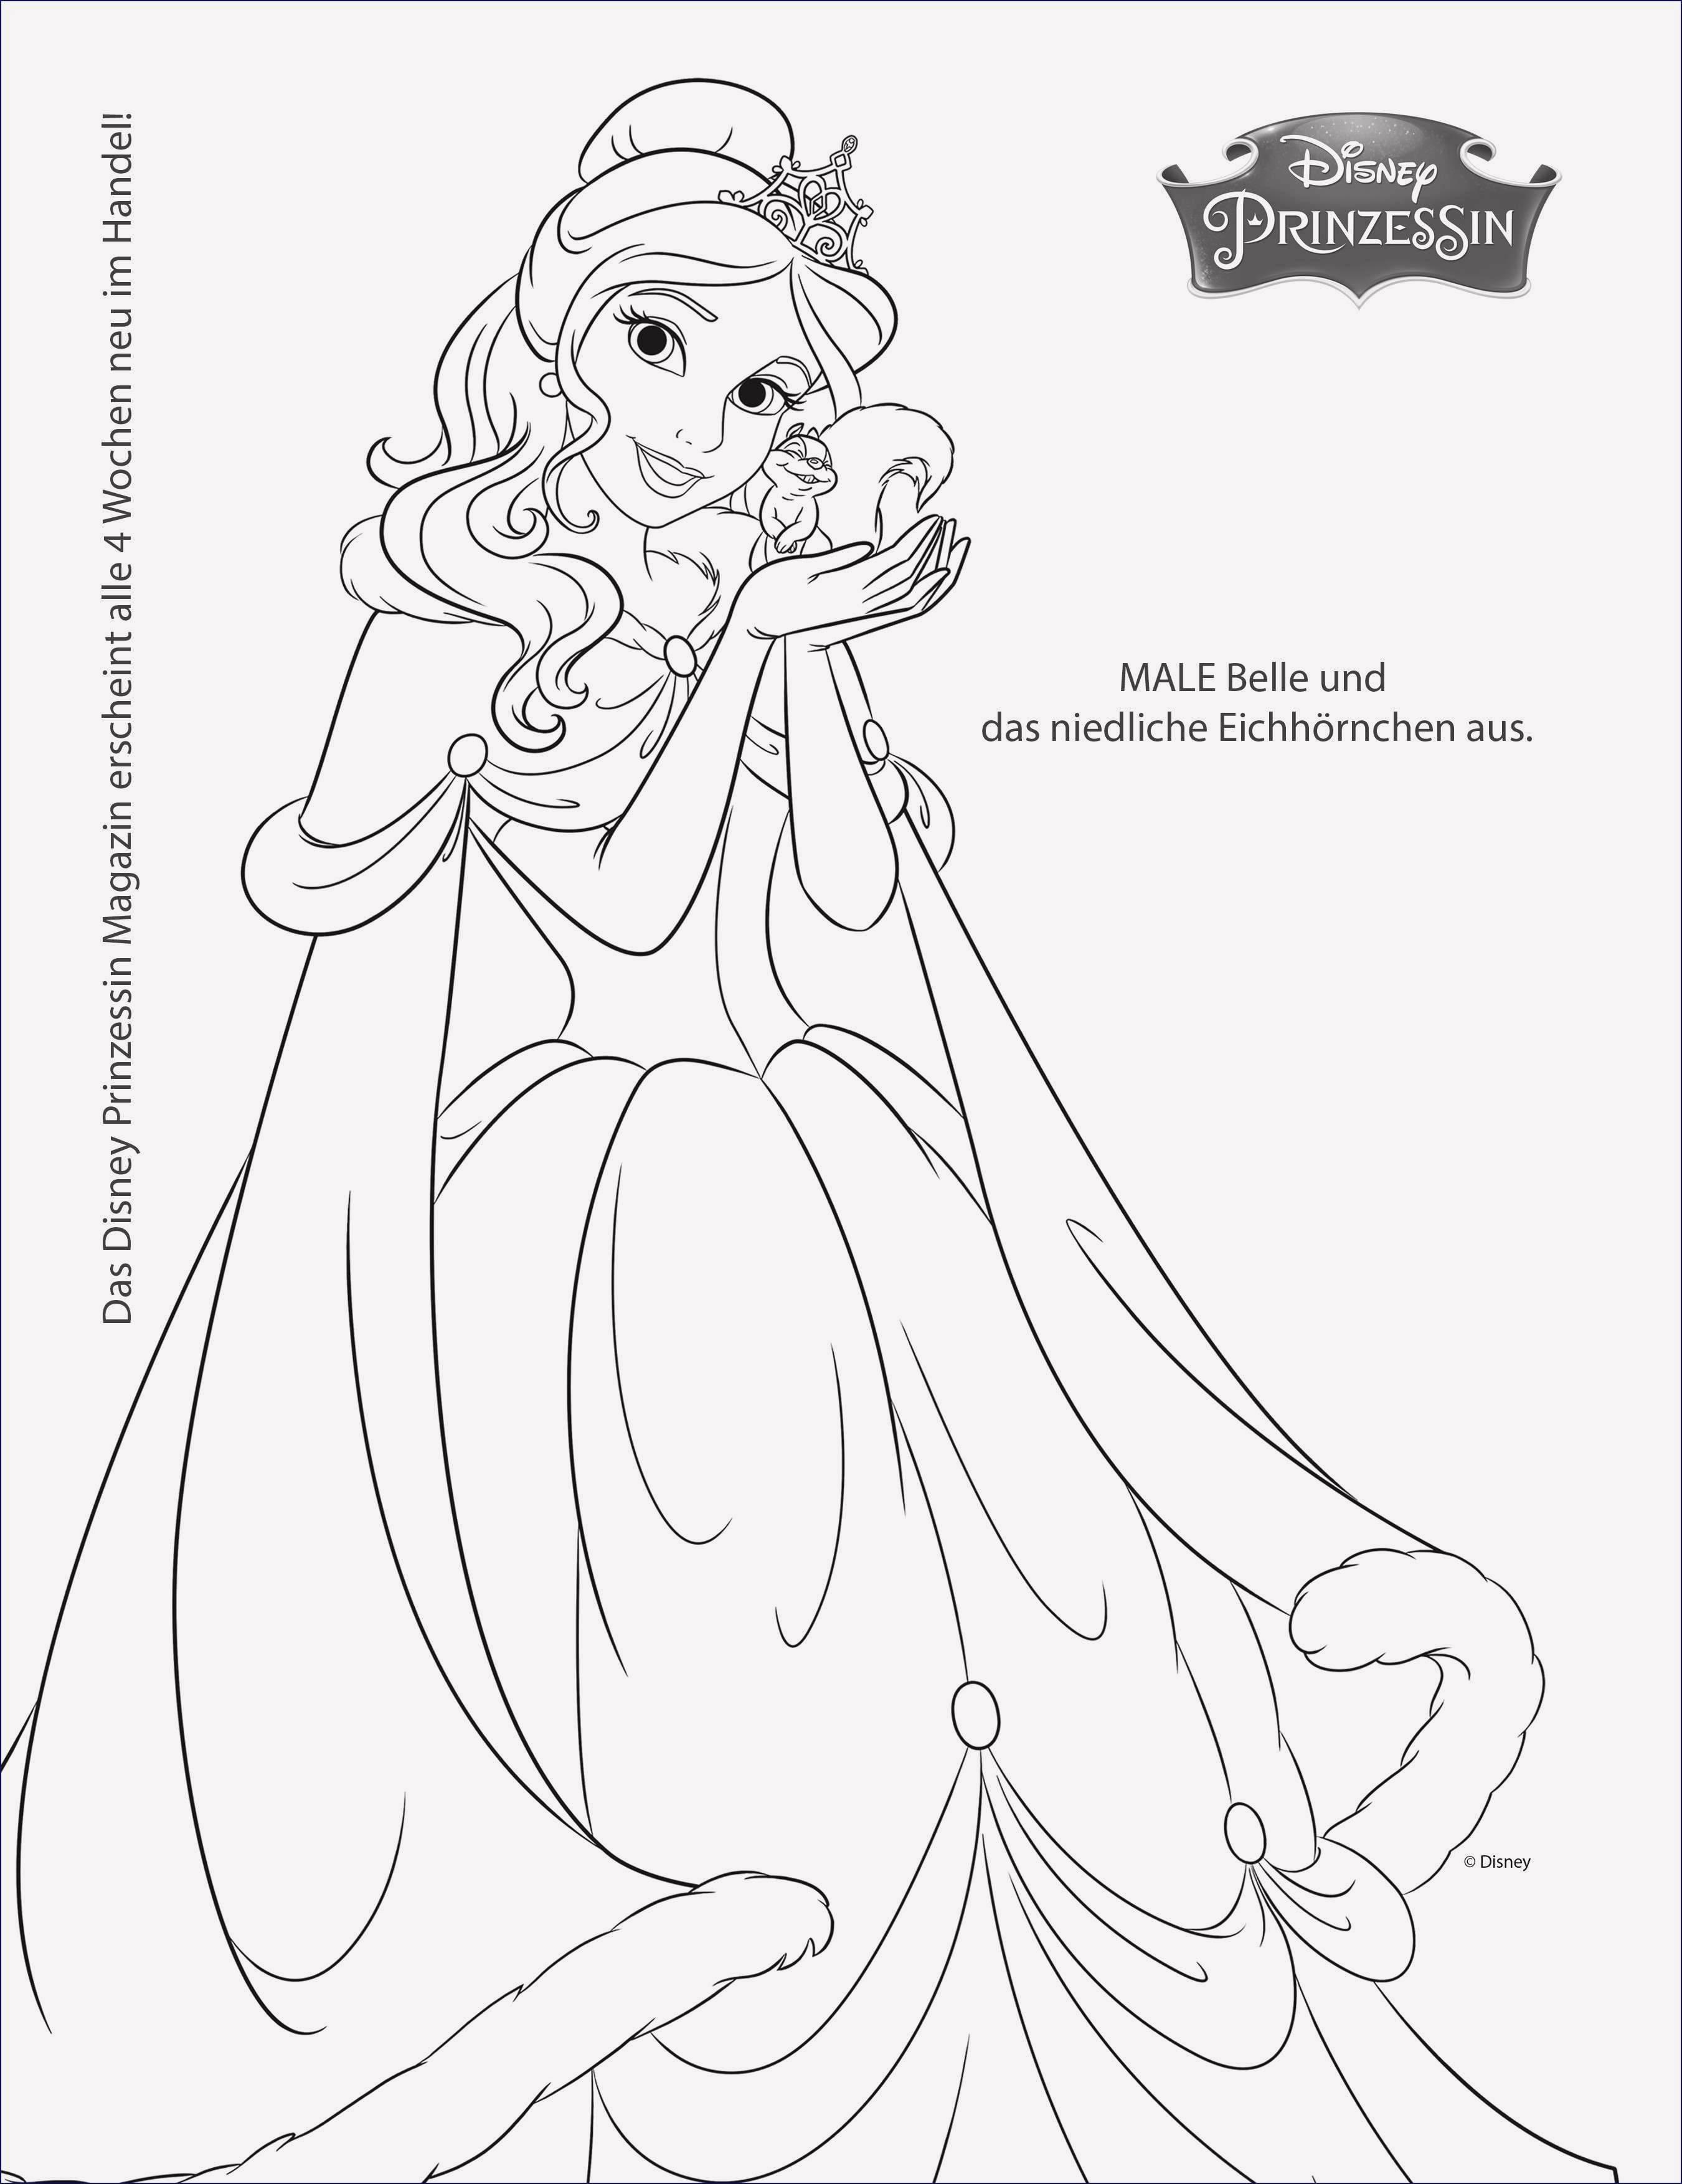 Flugzeuge Zum Ausmalen Inspirierend 25 Fantastisch Malvorlagen Gratis Prinzessin Lillifee Einzigartig Bilder